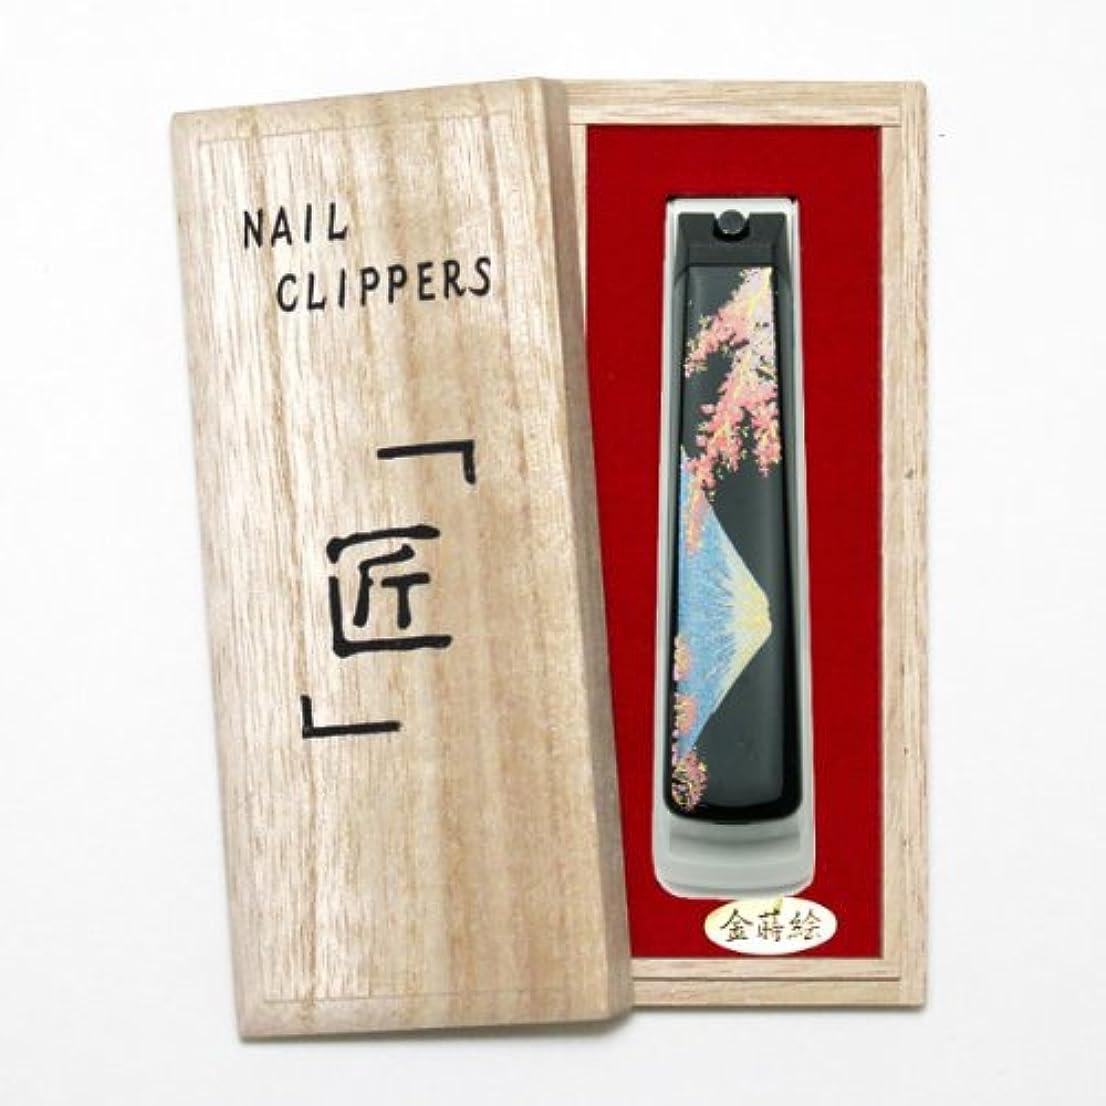 スーツ消費価値のない橋本漆芸 蒔絵爪切り ミニサイズ 富士に桜 桐箱